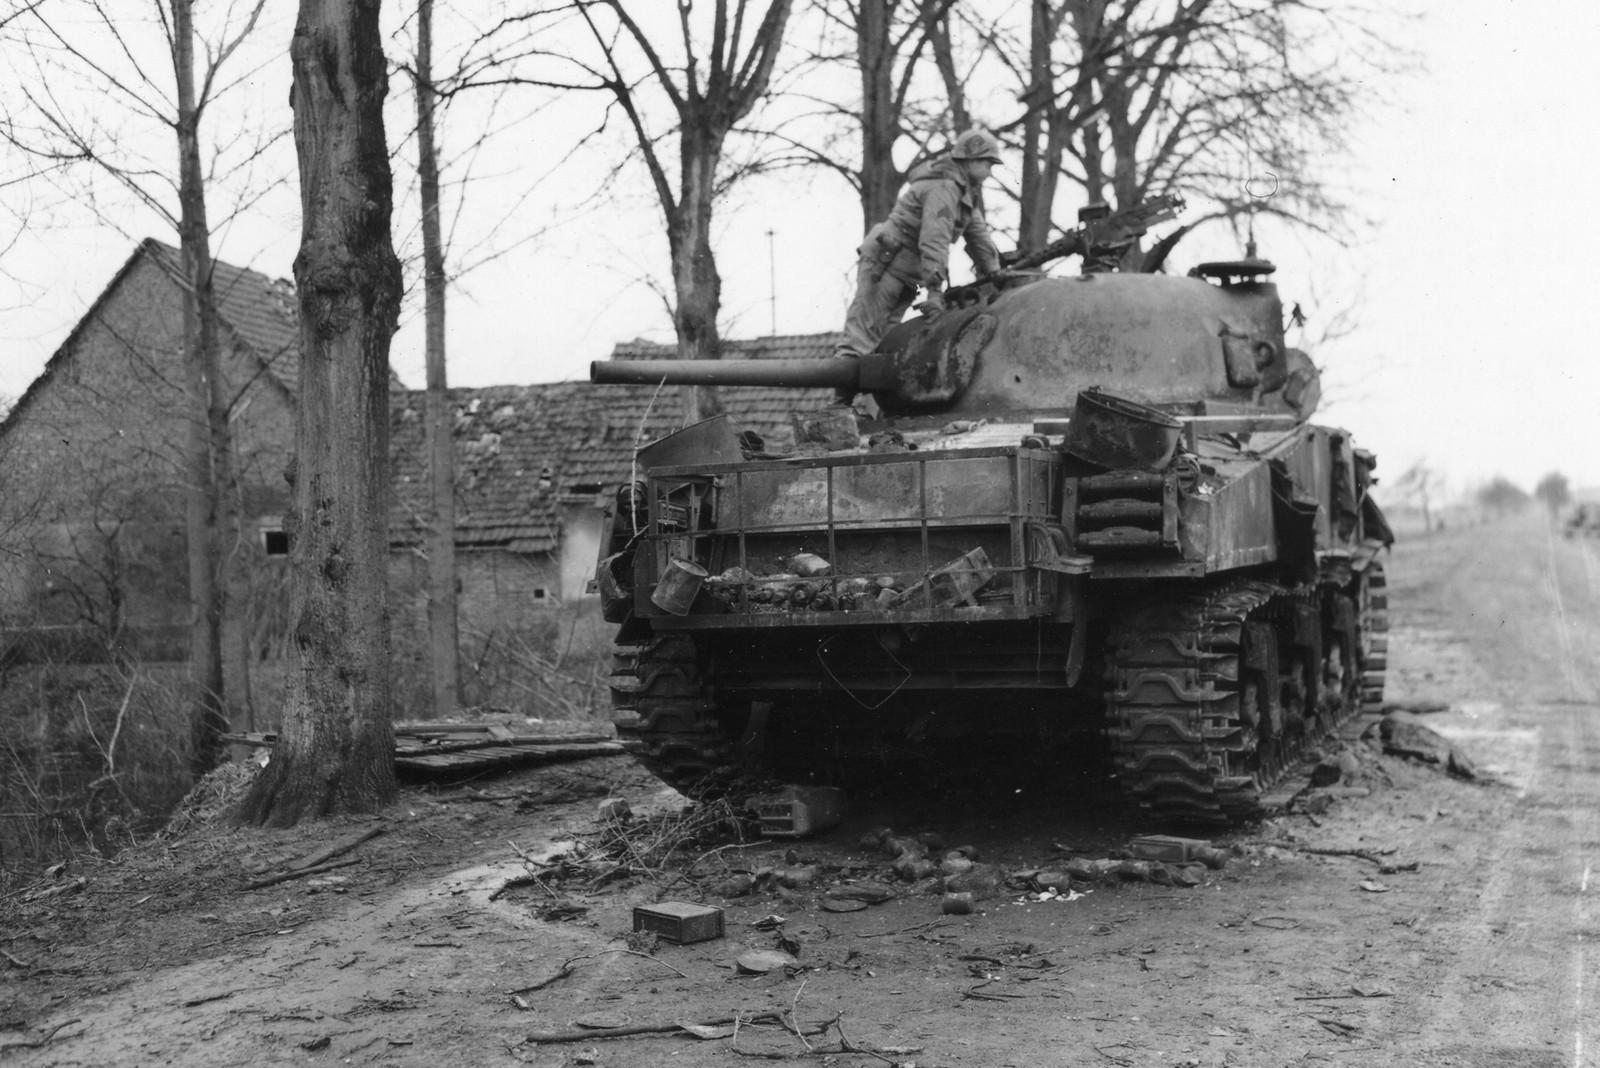 M4_Sherman__